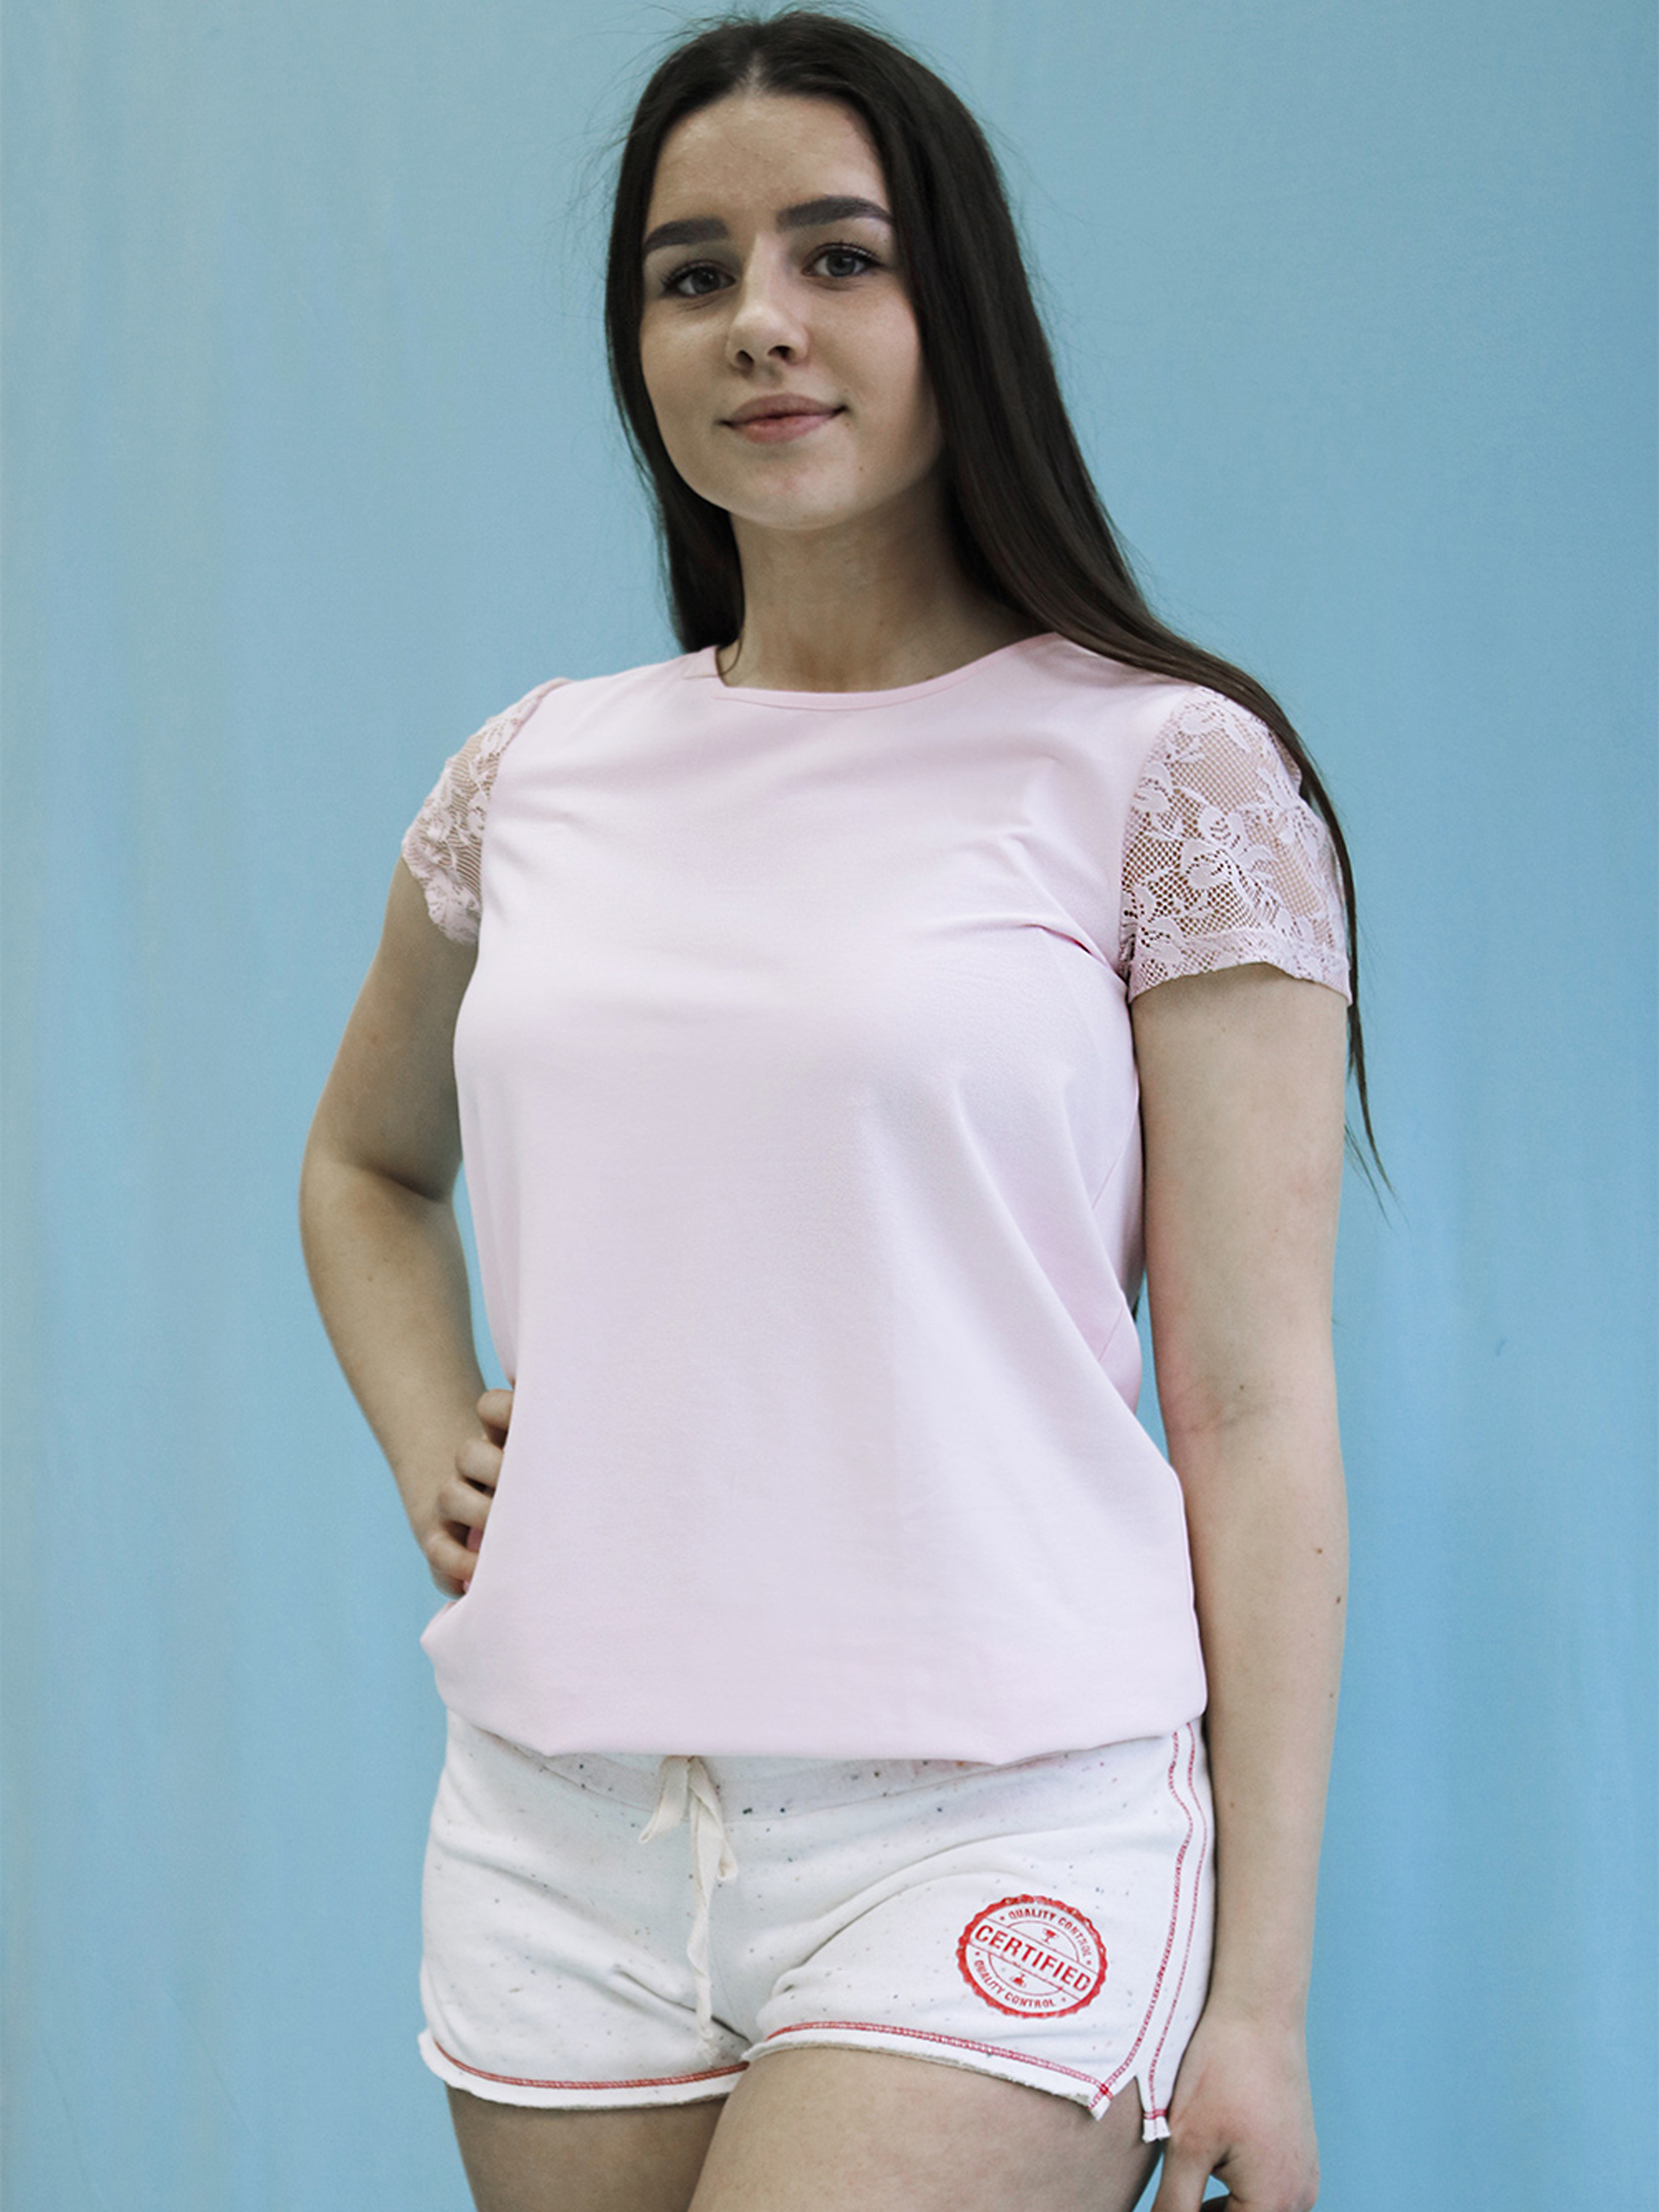 Купить Футболка женские модель 0144 Жіноча футболка, Effetto, Розовый